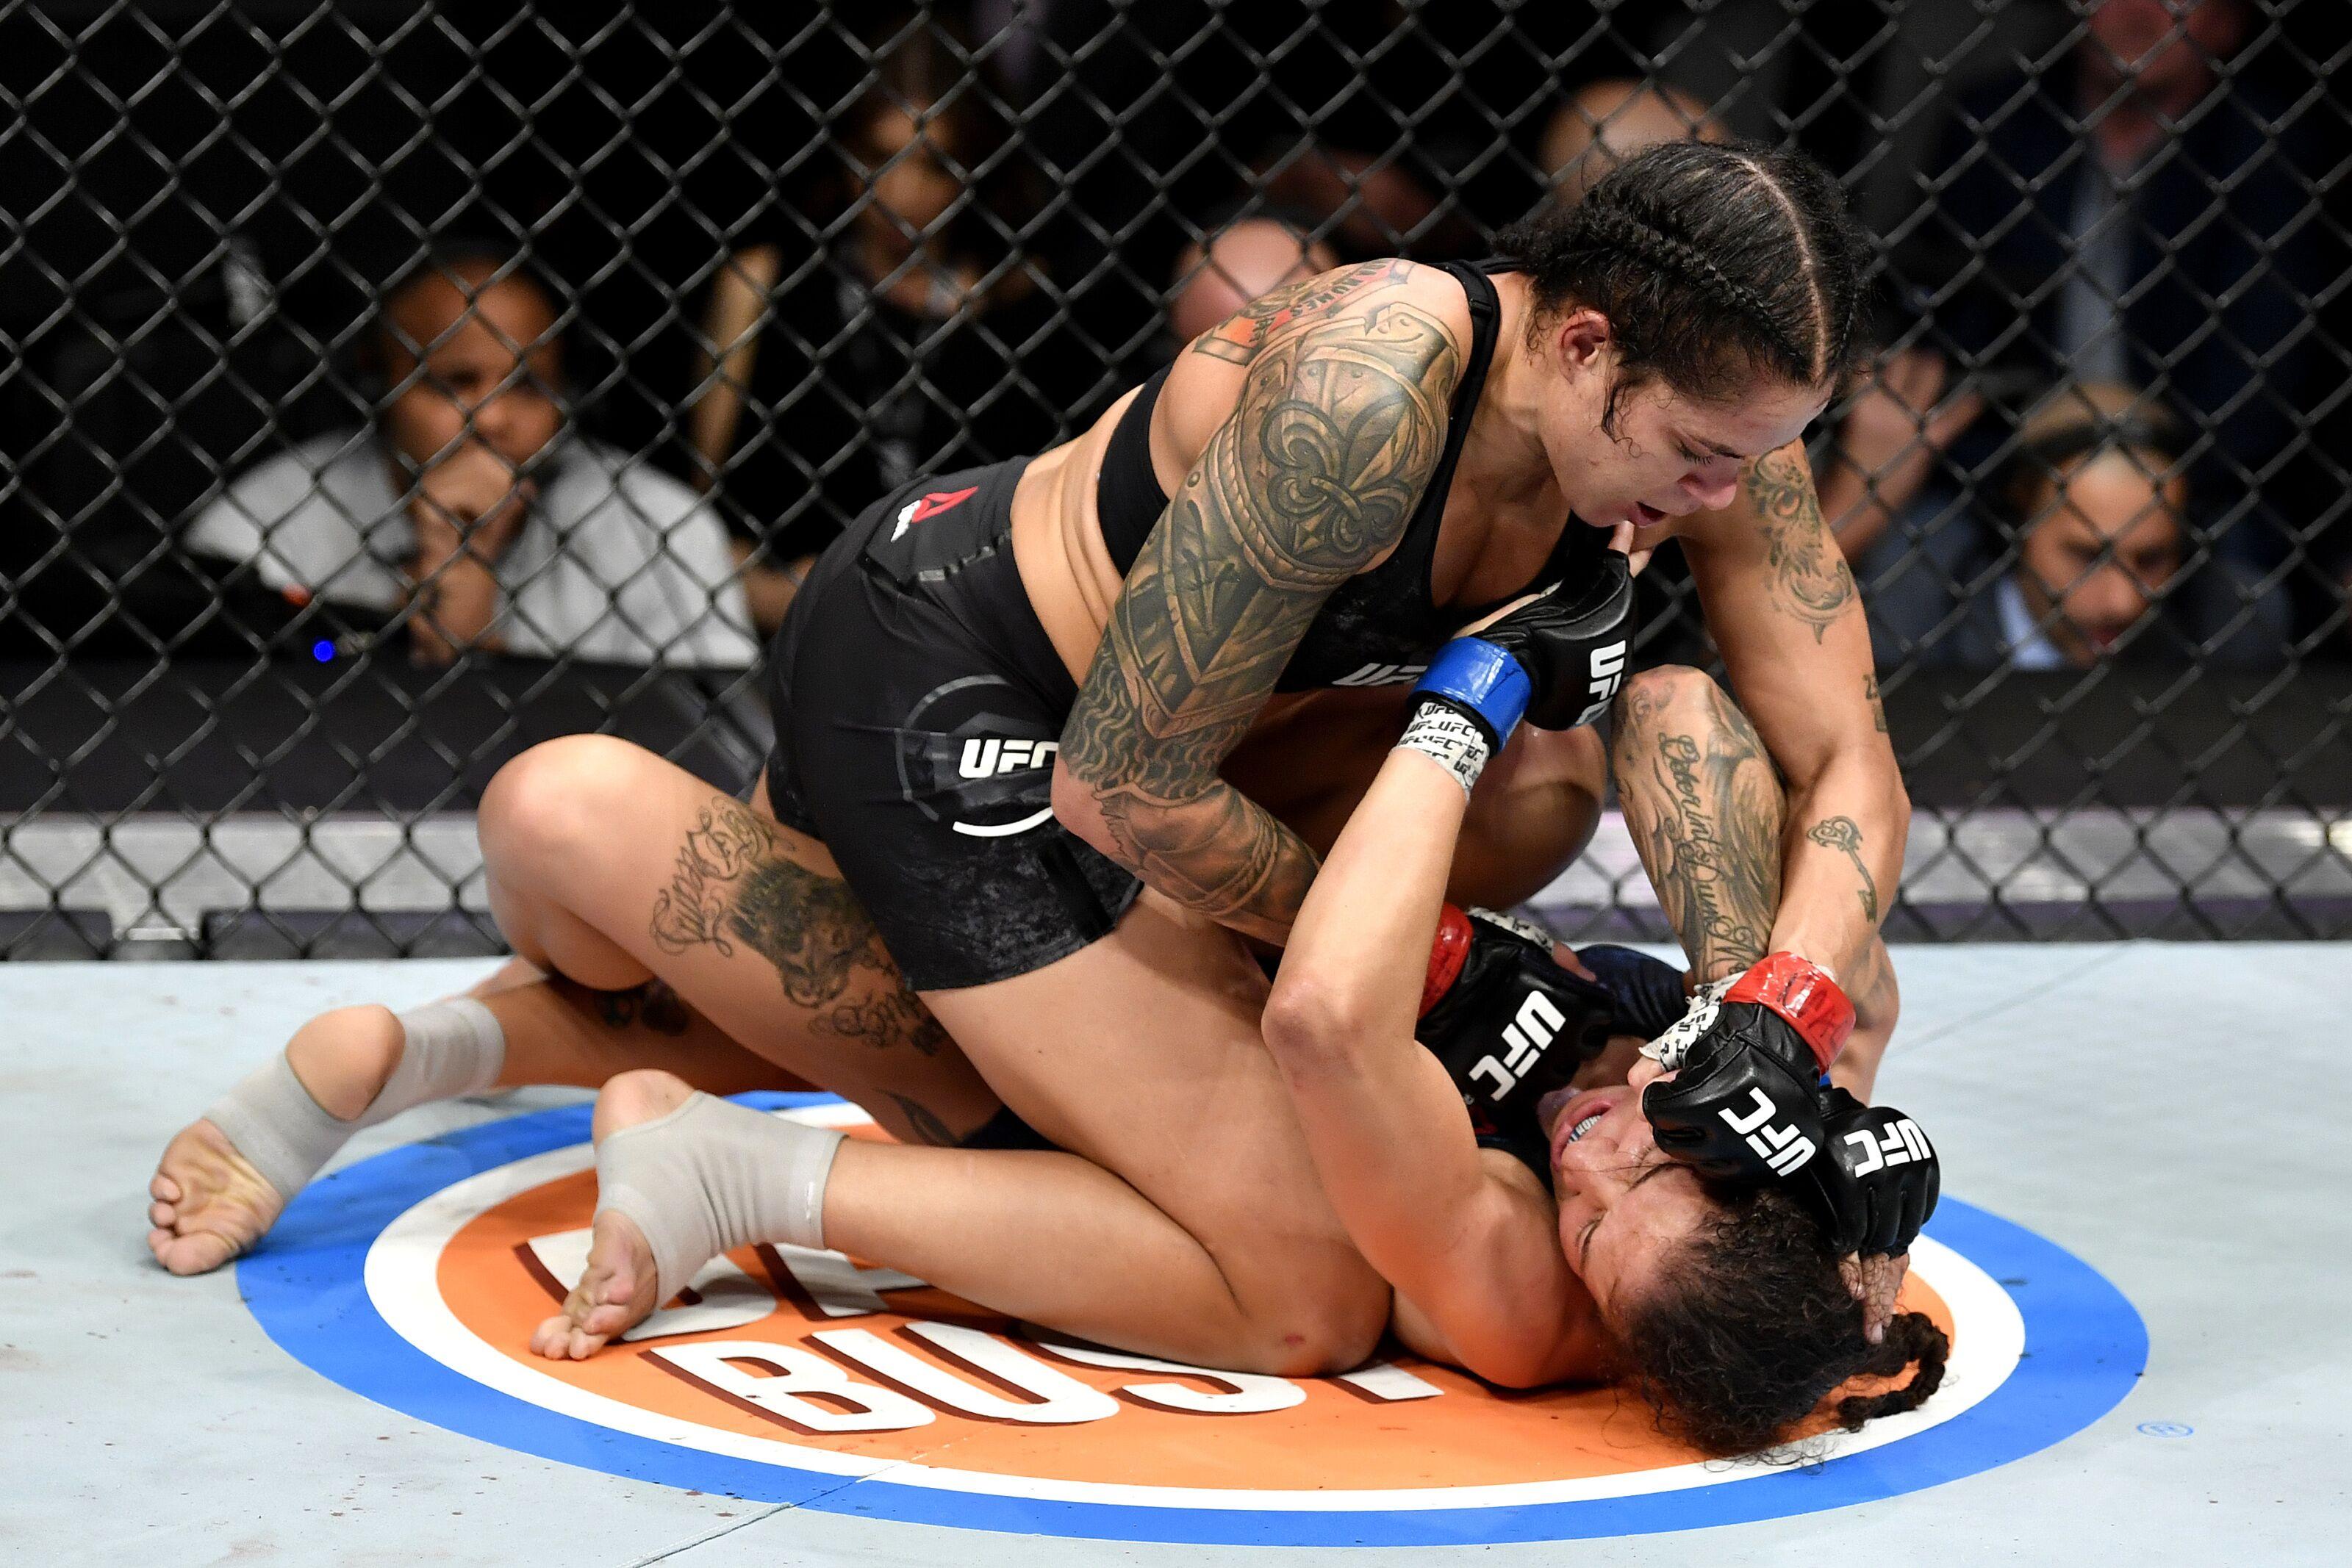 UFC 245: Takedowns lead Amanda Nunes to retain title against Germaine de Randamie